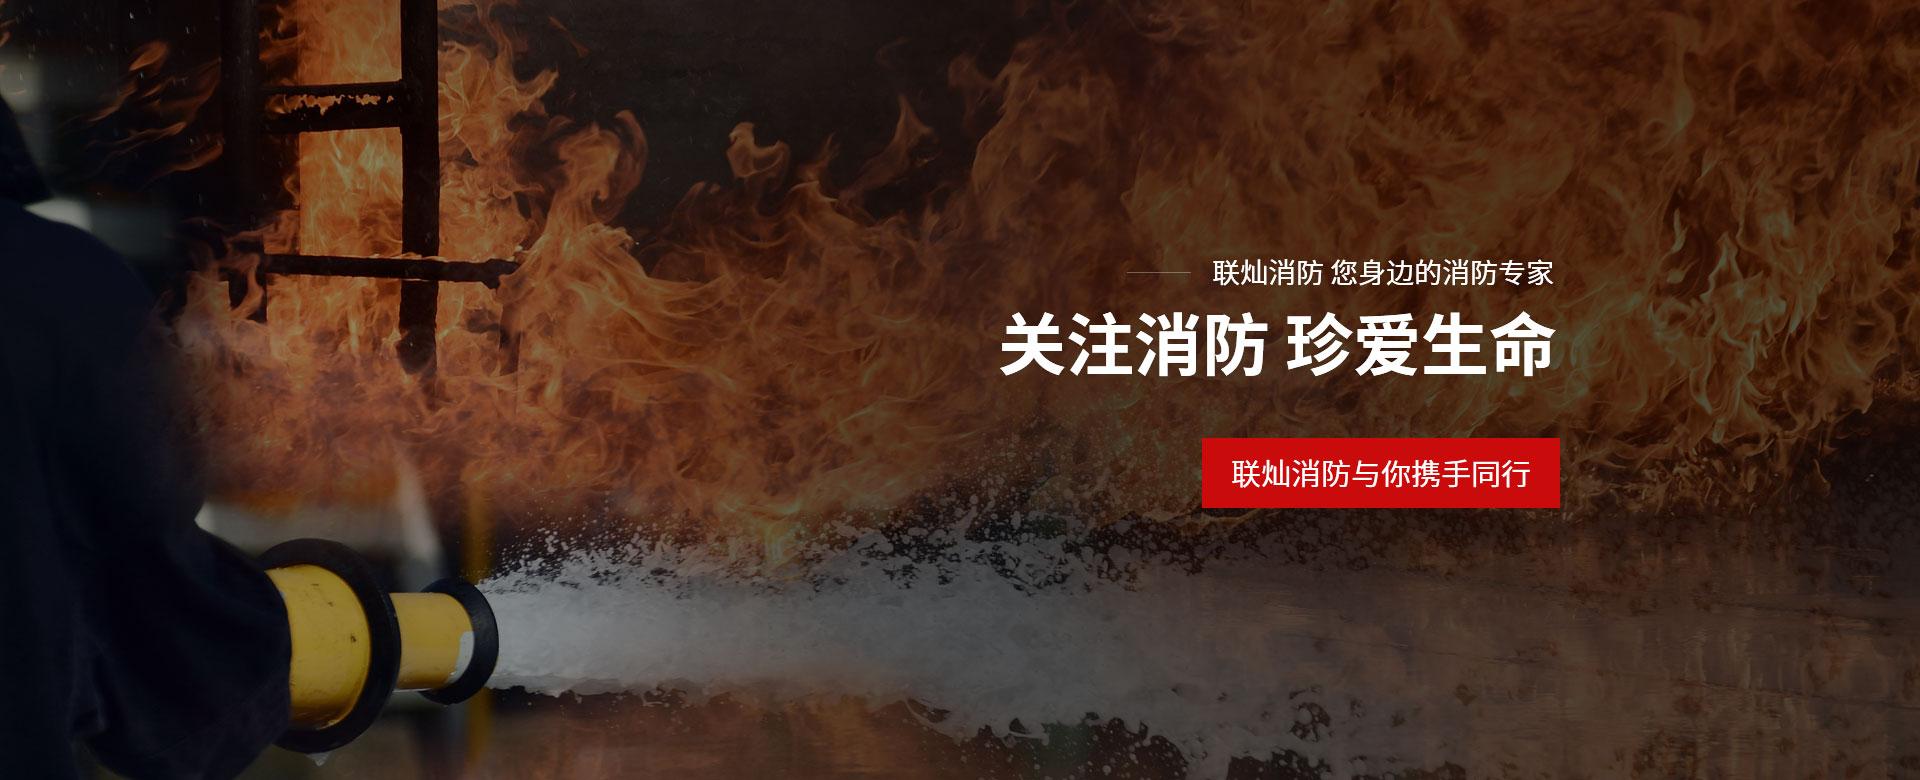 昆山联灿消防设备有限公司